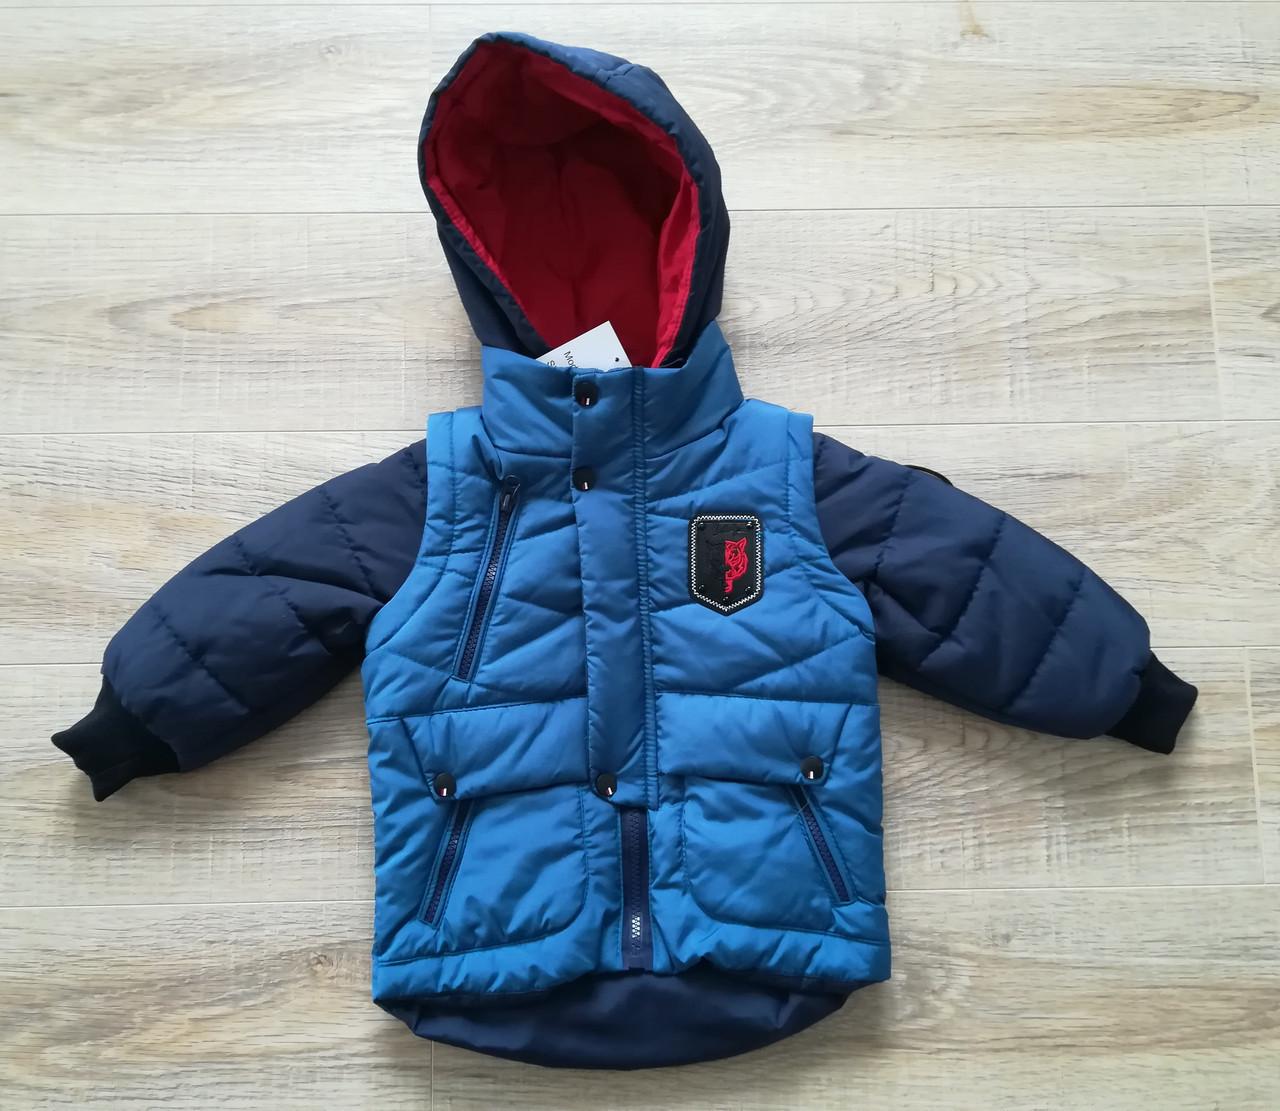 Детские куртки интернет магазин для мальчика    20-28 волна